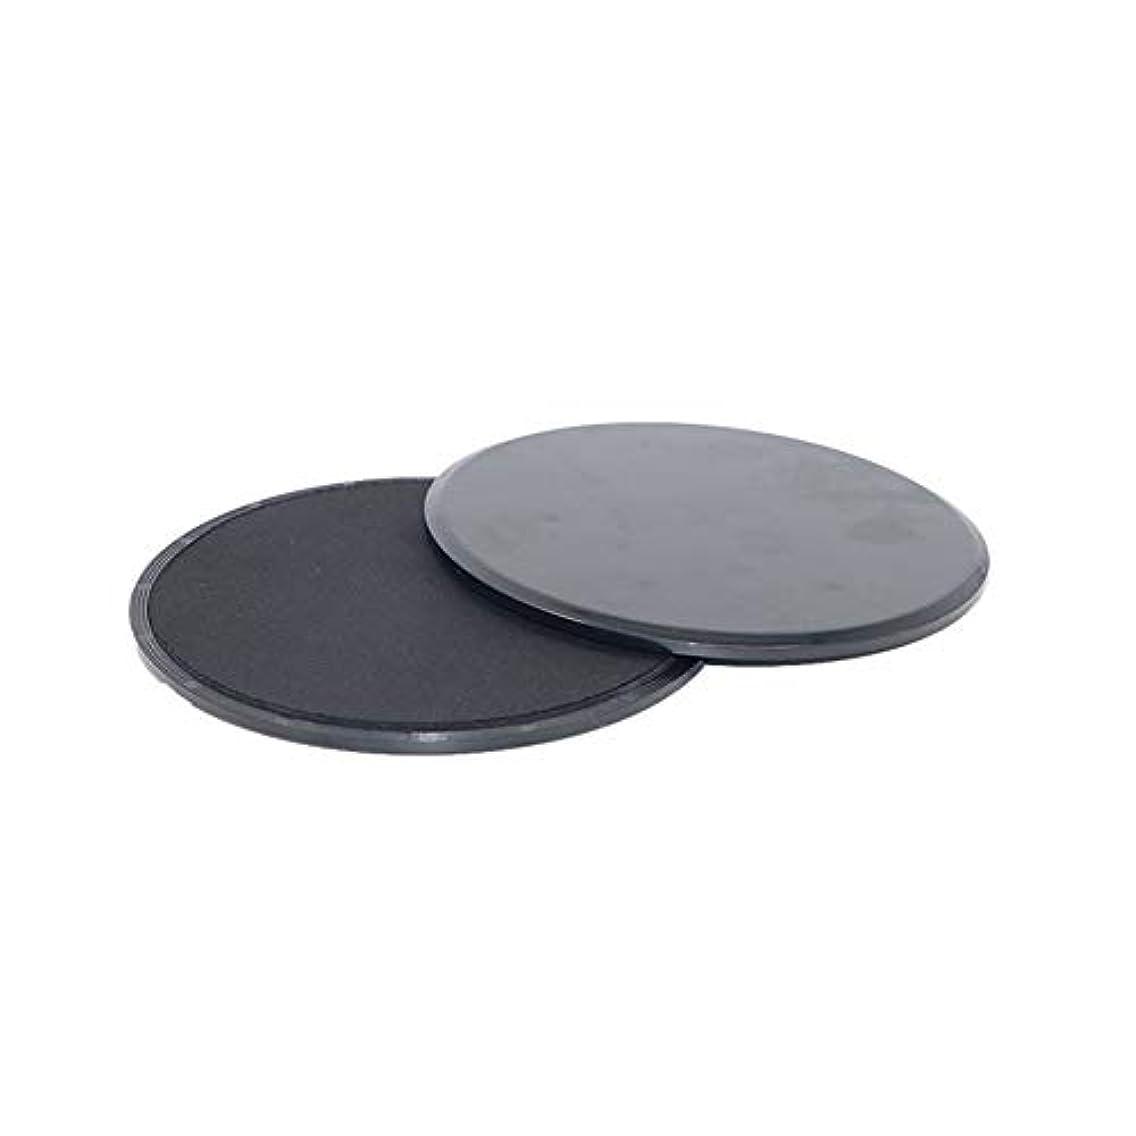 血まみれ通りヒゲフィットネススライドグライディングディスク調整能力フィットネスエクササイズスライダーコアトレーニング腹部と全身トレーニング用 - ブラック